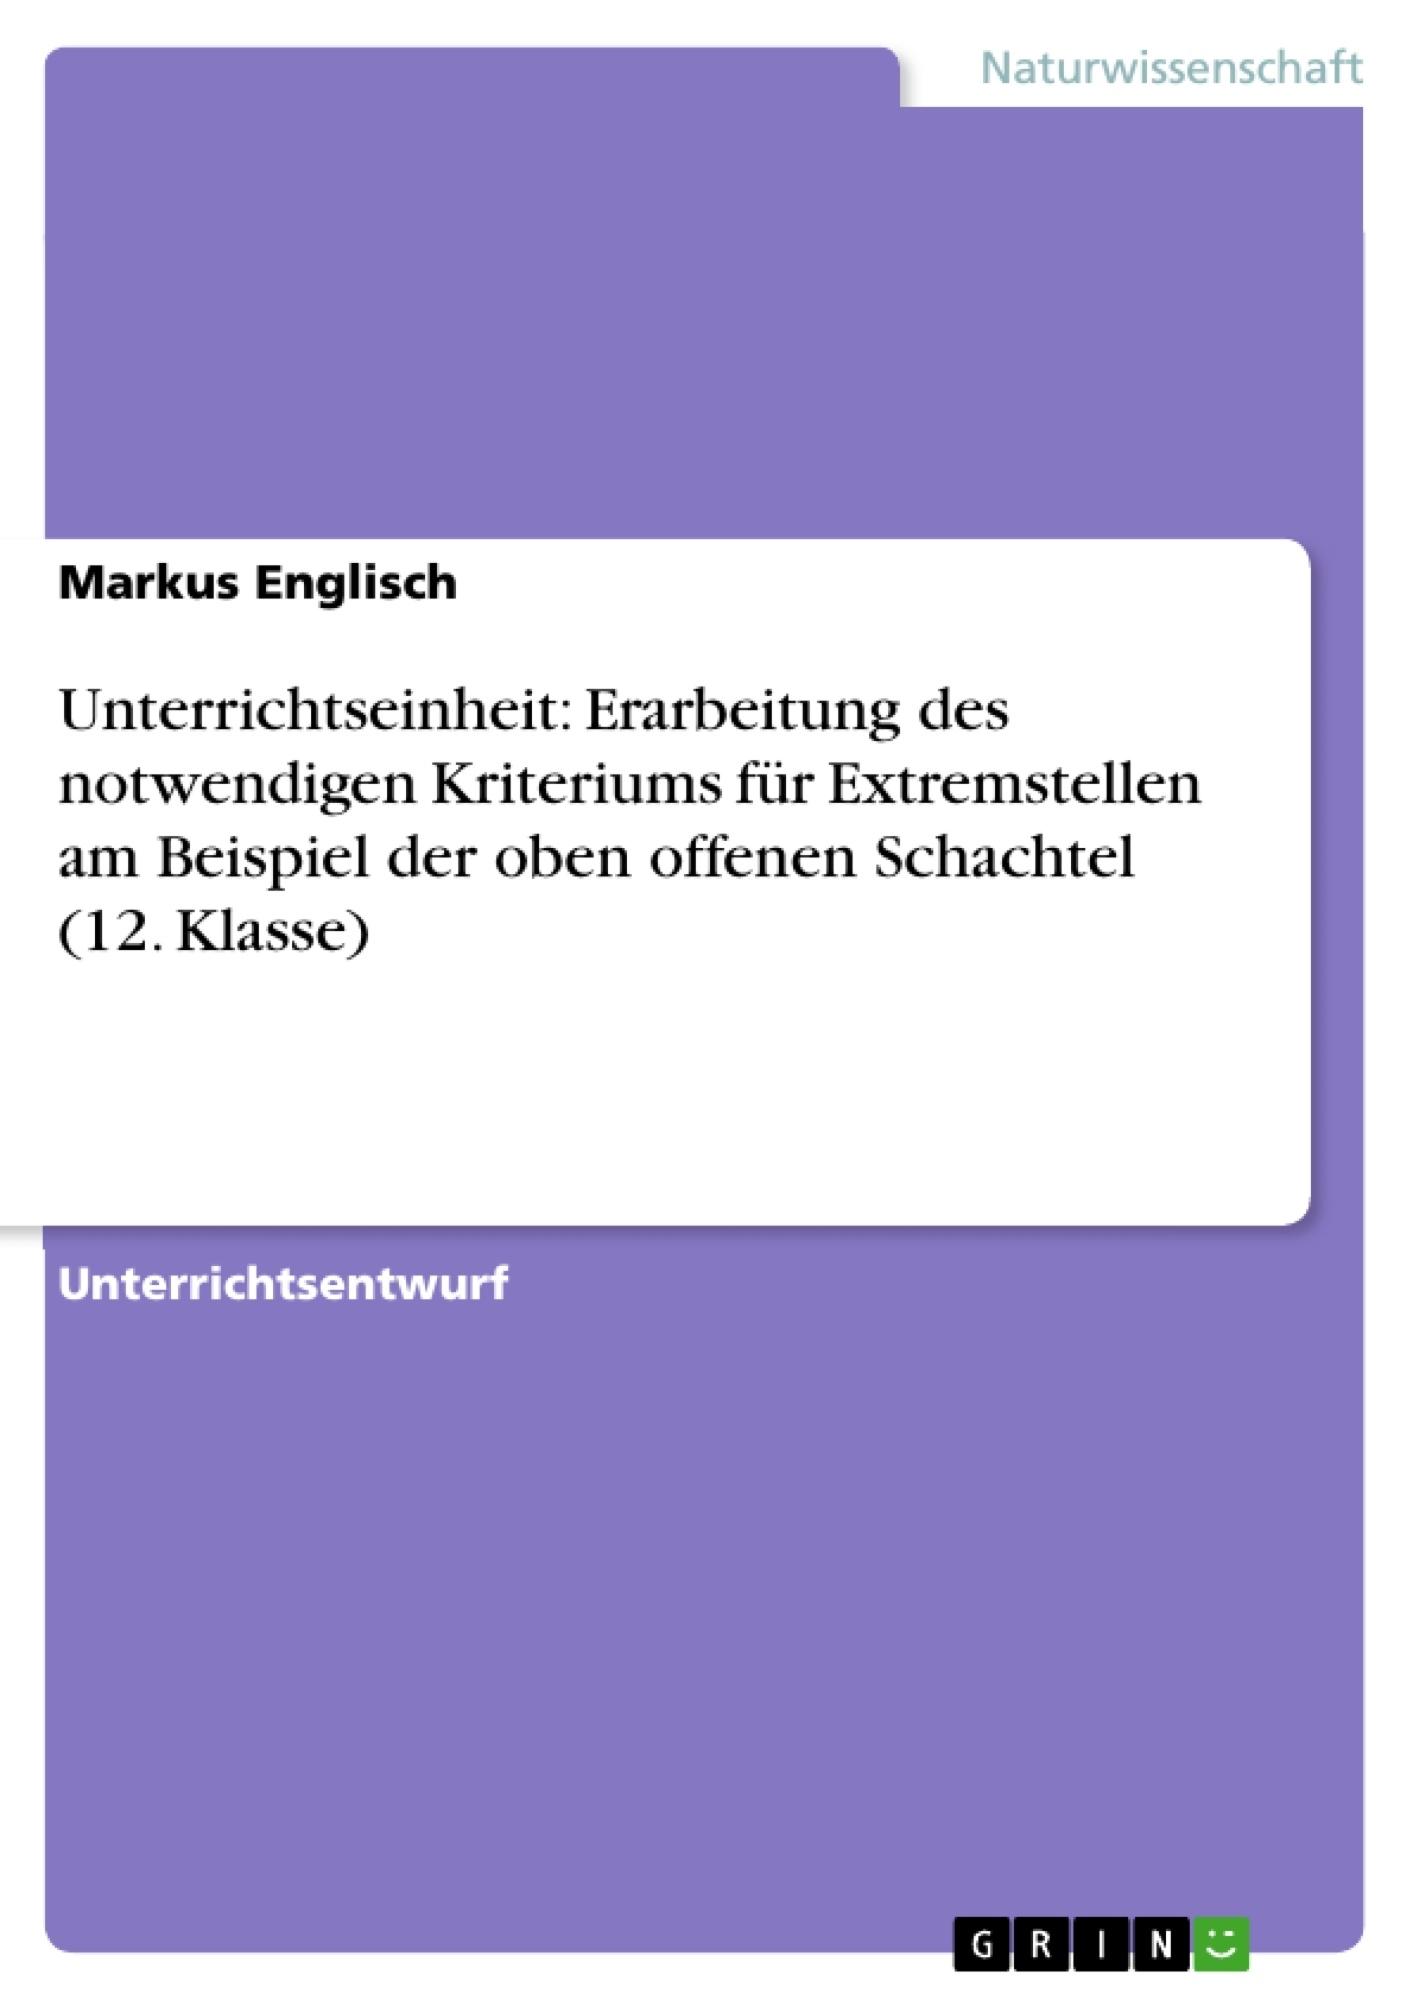 Titel: Unterrichtseinheit: Erarbeitung des notwendigen Kriteriums für Extremstellen am Beispiel der oben offenen Schachtel (12. Klasse)